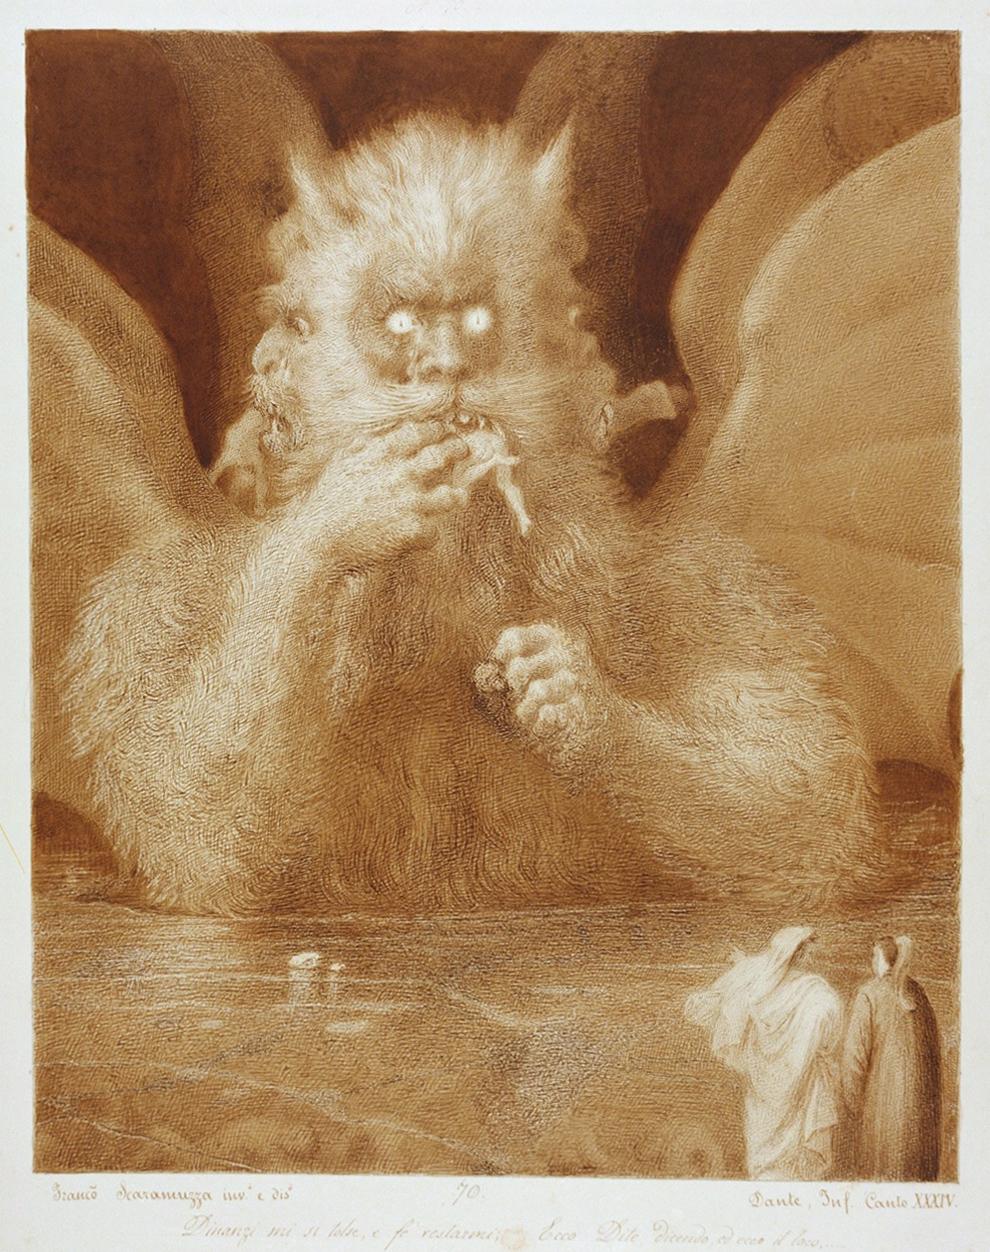 Francesco Scaramuzza - Dante's Inferno, Canto XXXIV, 19th Century